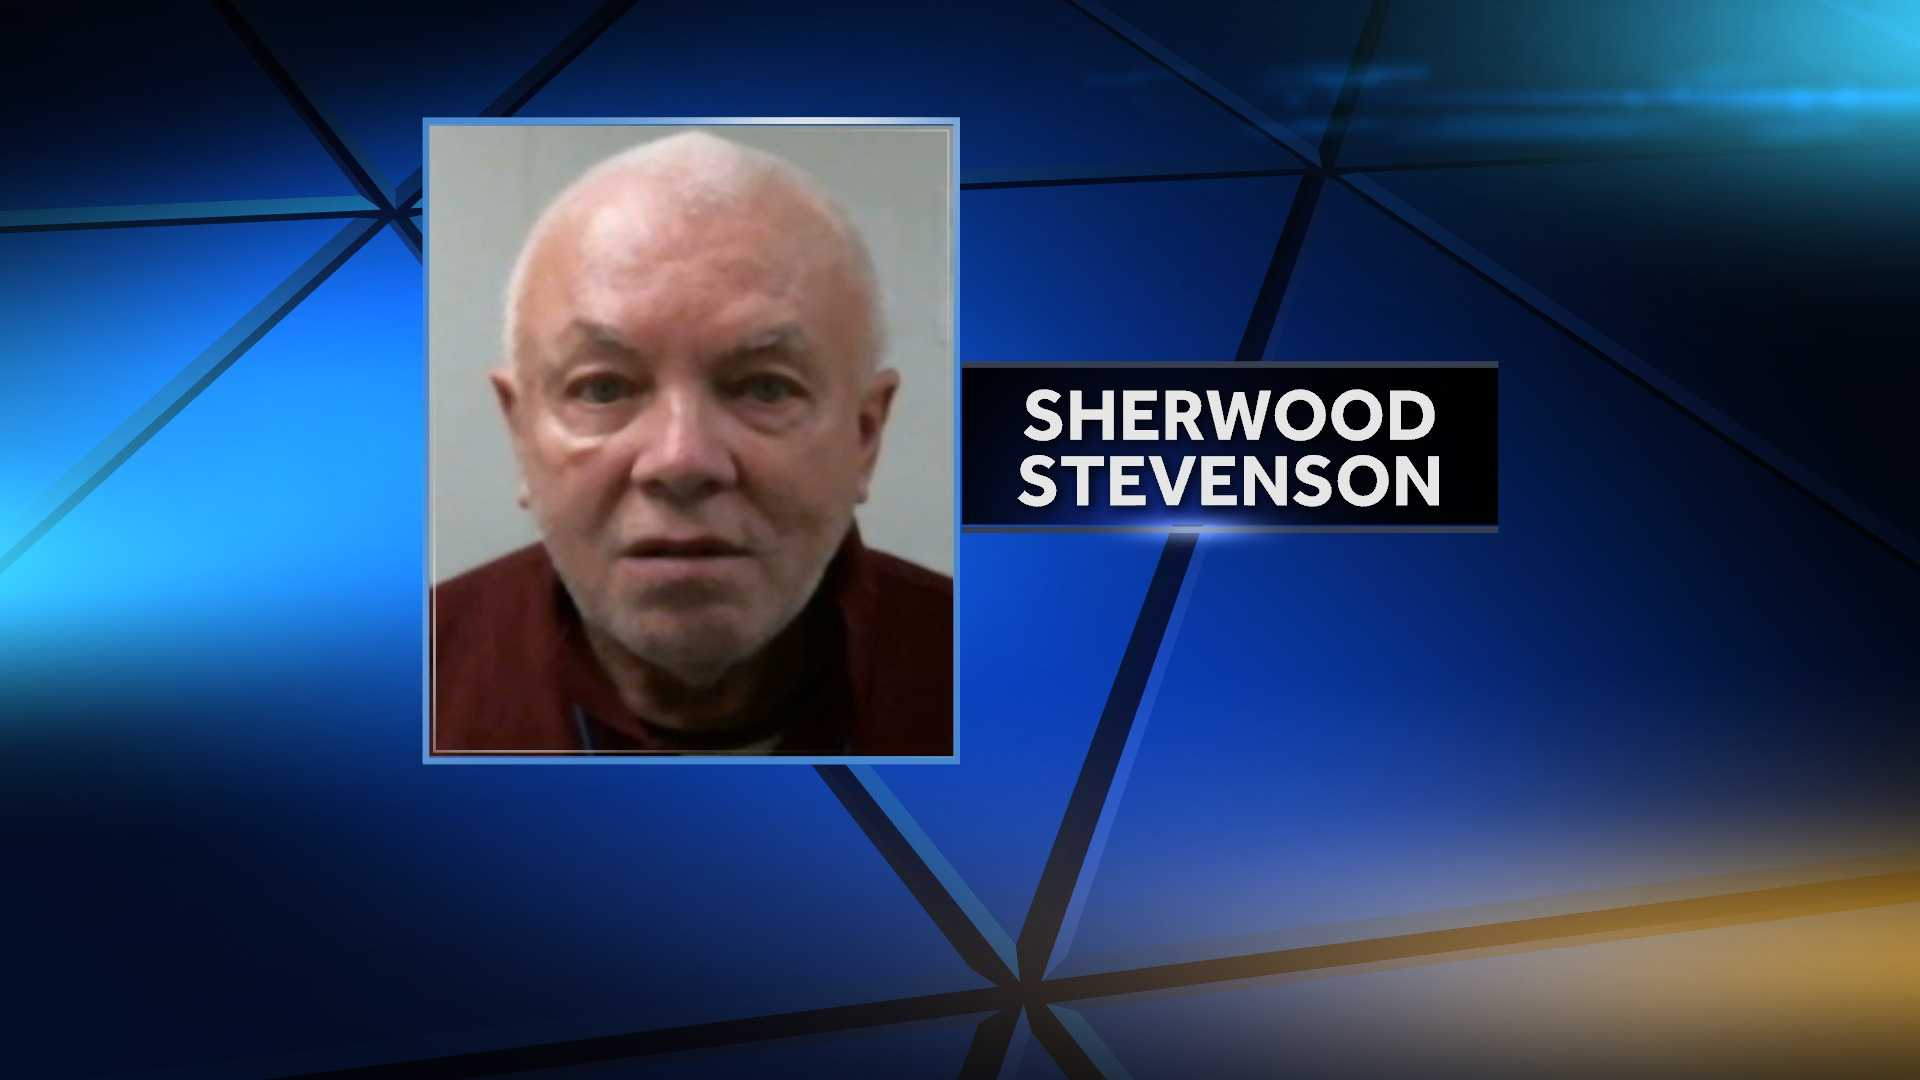 Sherwood Stevenson